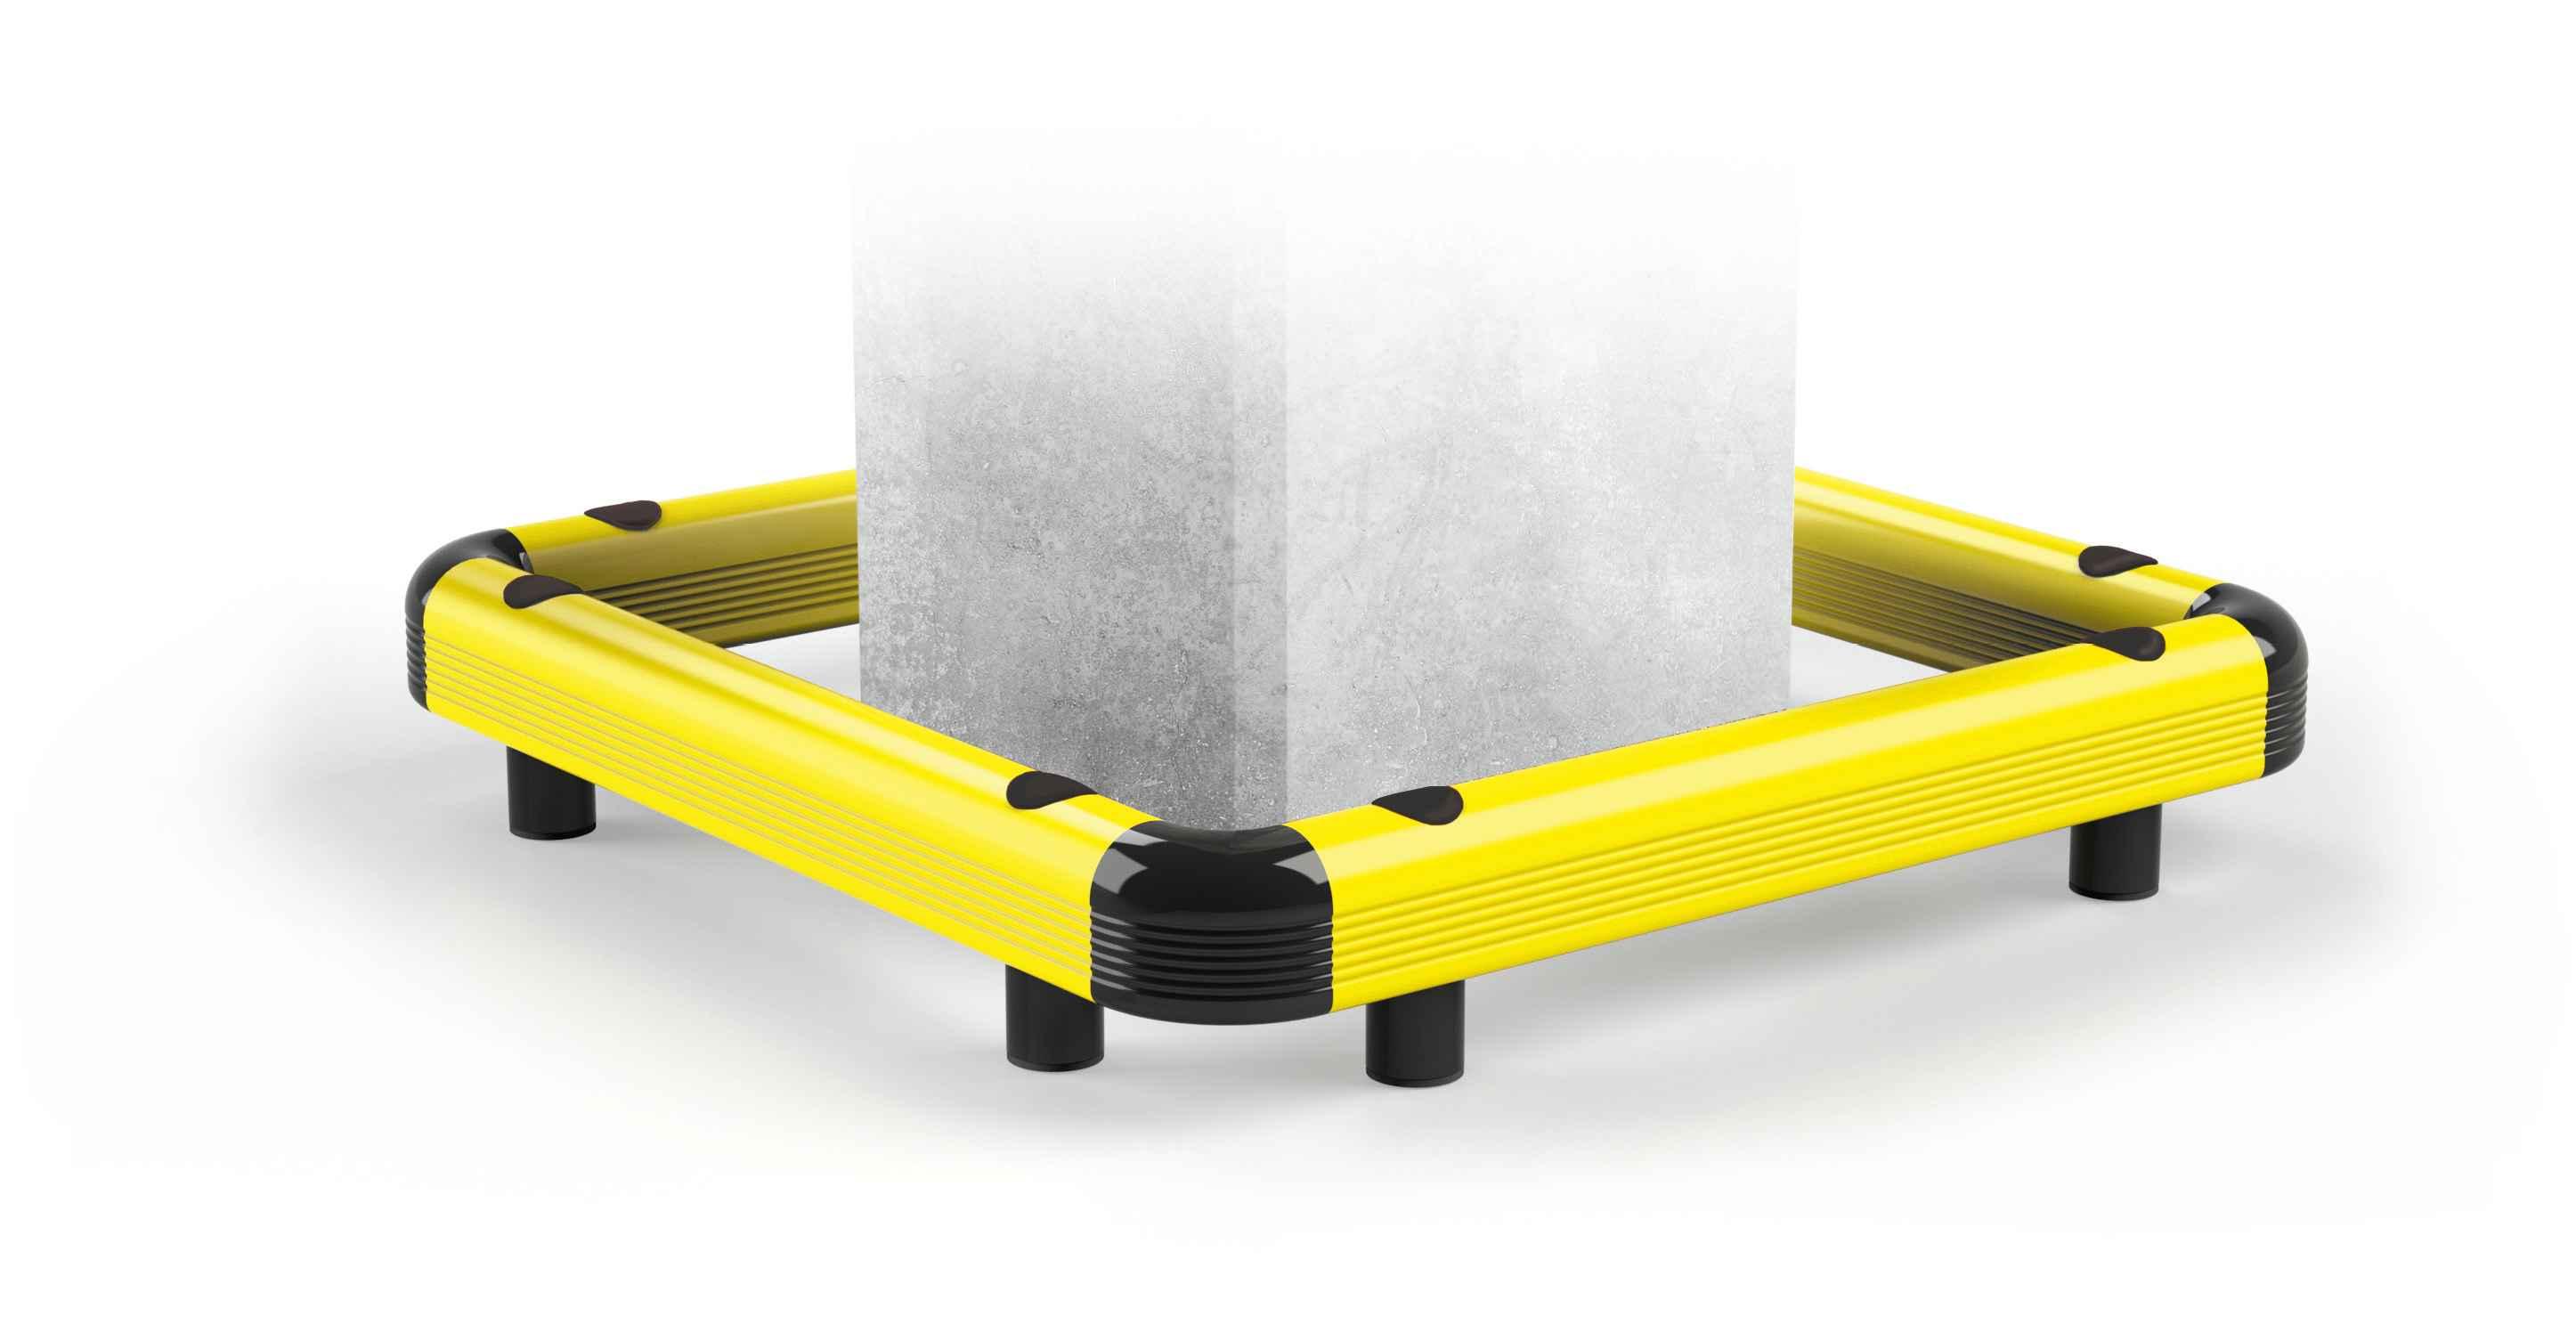 Modułowa elastyczna bariera podłogowa do ochrony kolumn C1 500 x 500 x 140 mm